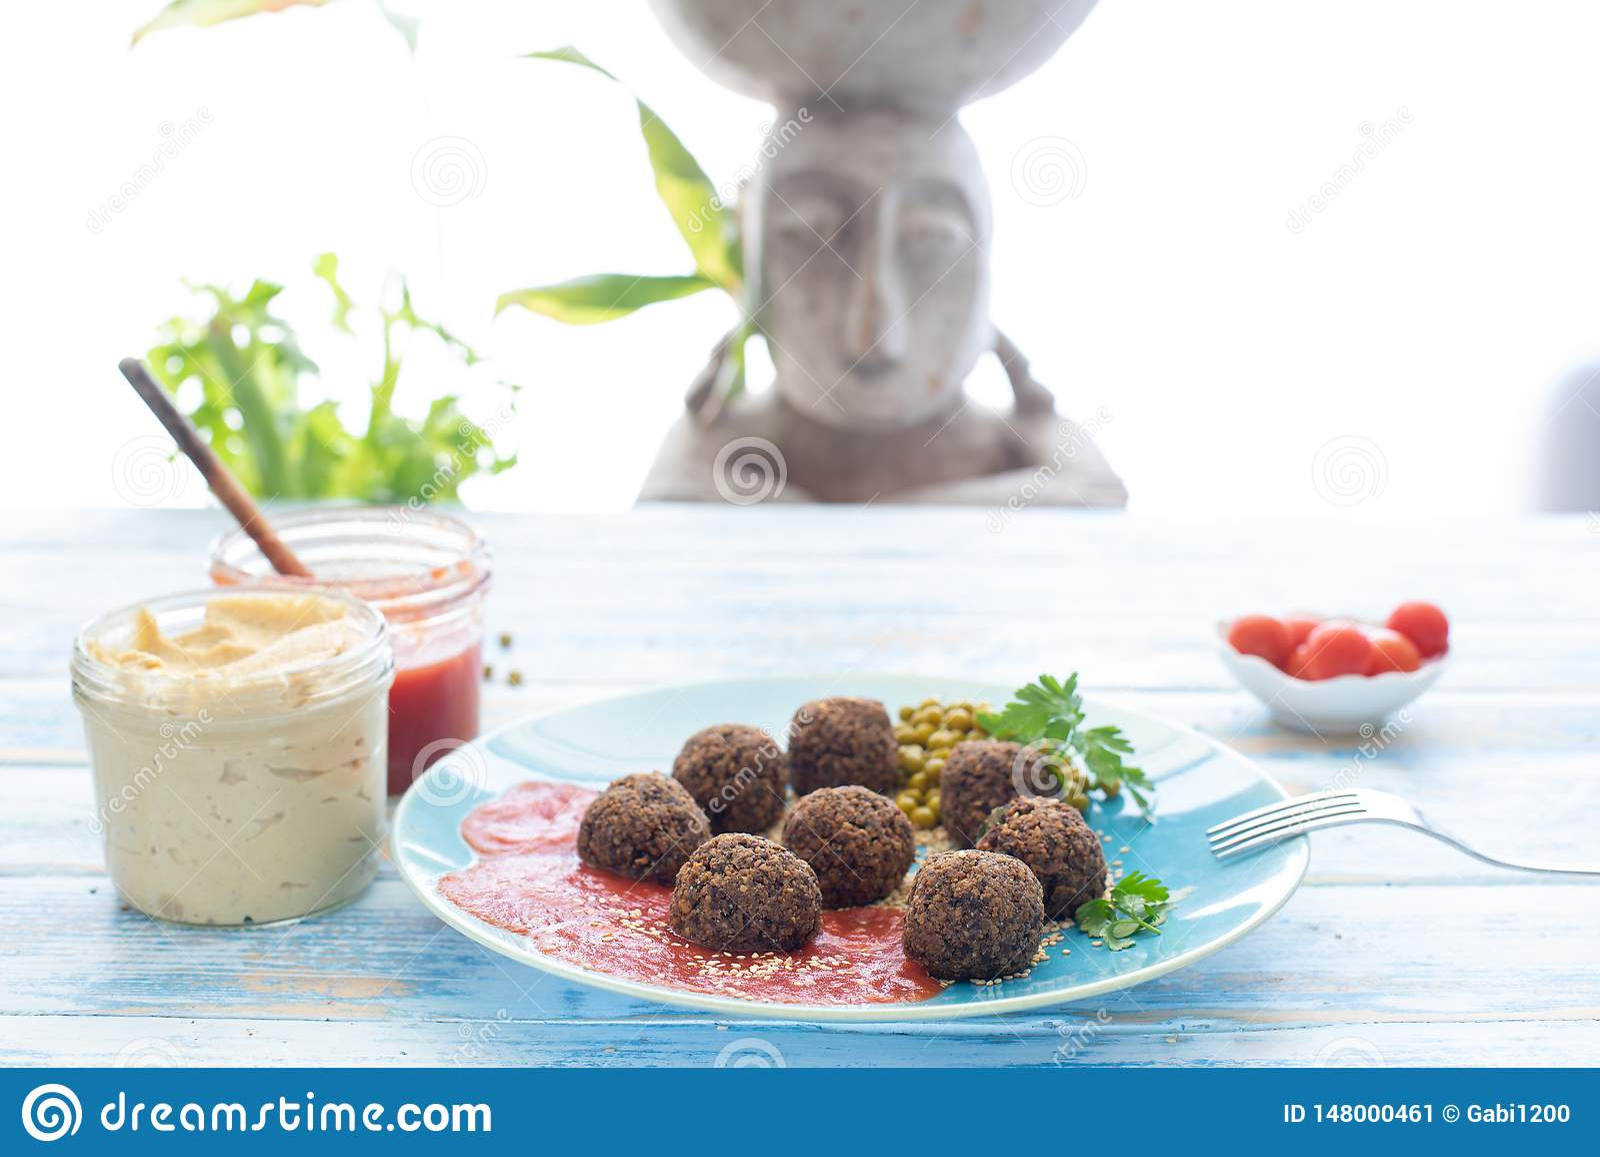 De vleesballetjes van de paddestoelveganist met hummus en gebraden tomaat, Albà ³ ndigas veganas DE champiñones bedriegen hummus